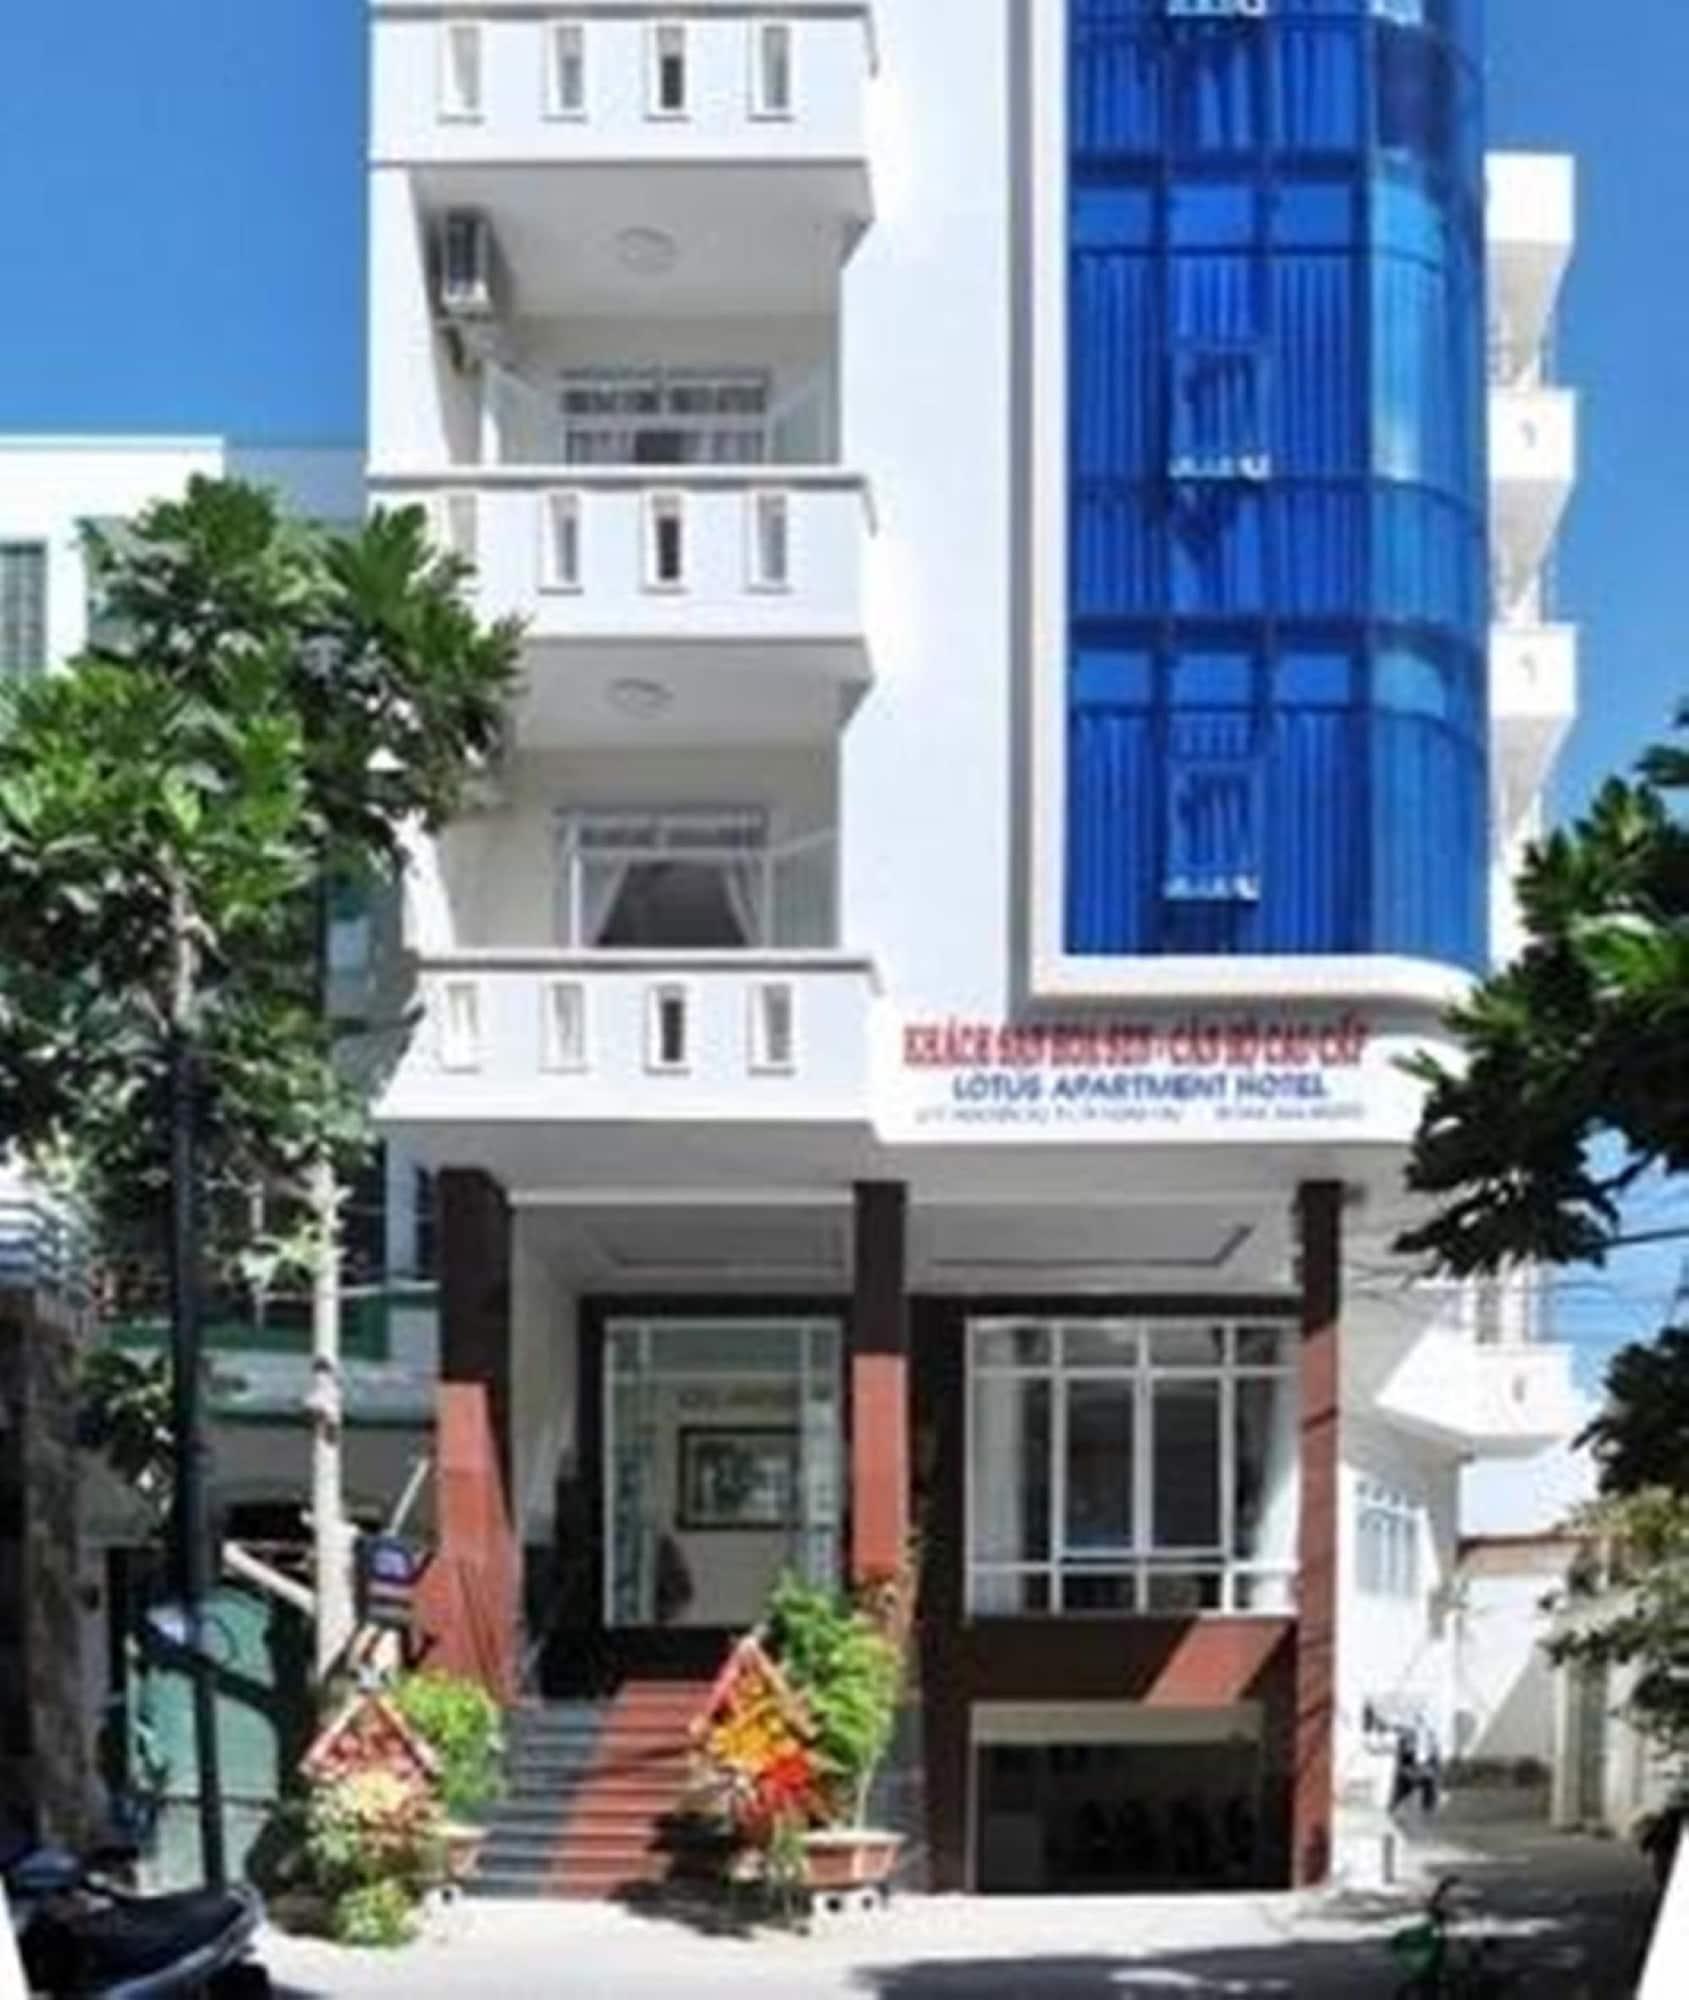 Lotus Apartment Hotel, Vũng Tàu